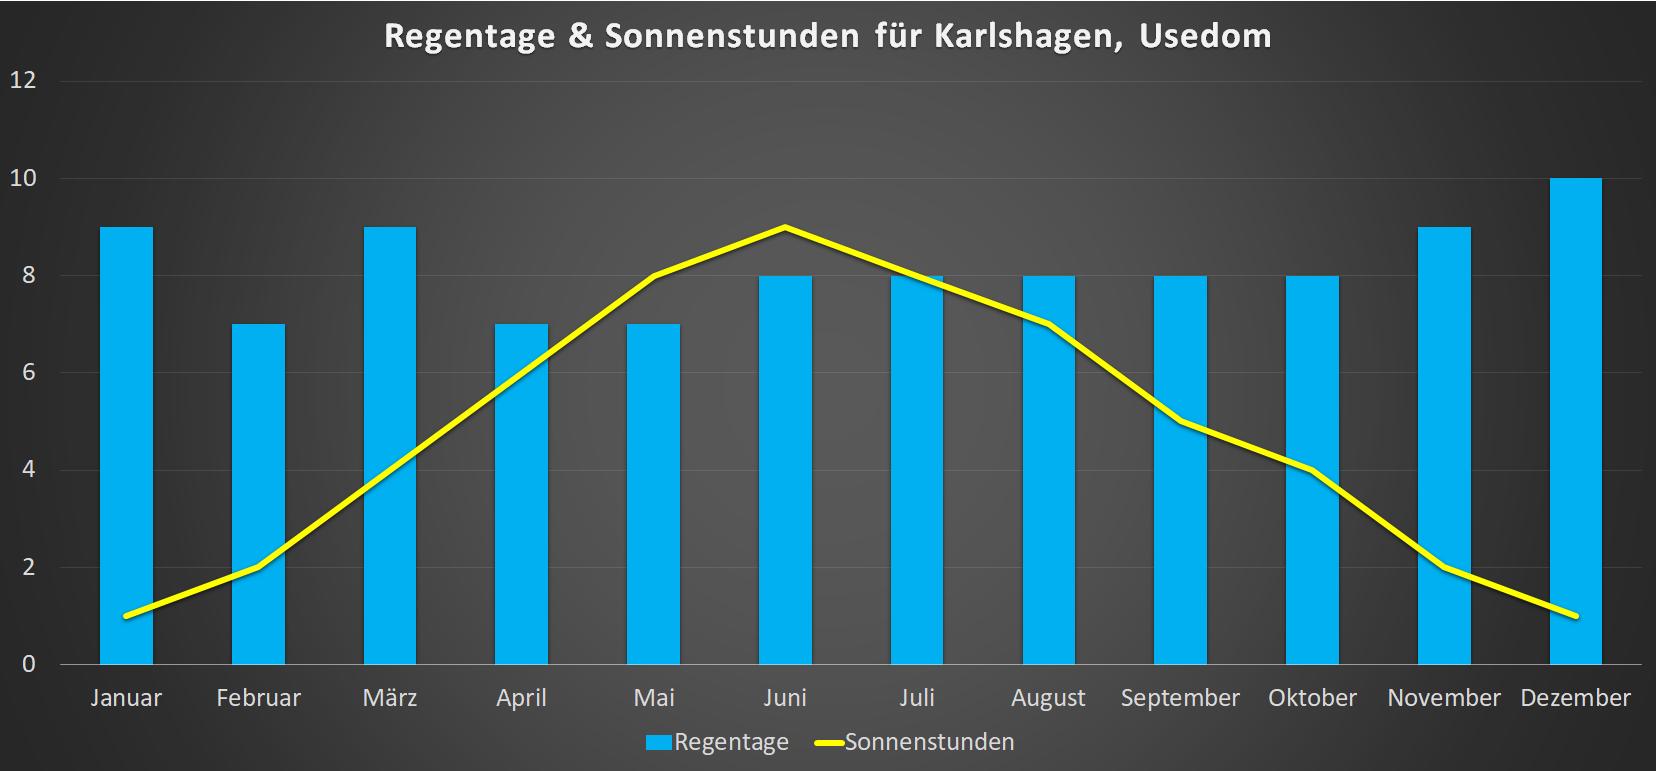 Regentage & Sonnenstunden für Karlshagen im Jahresverlauf